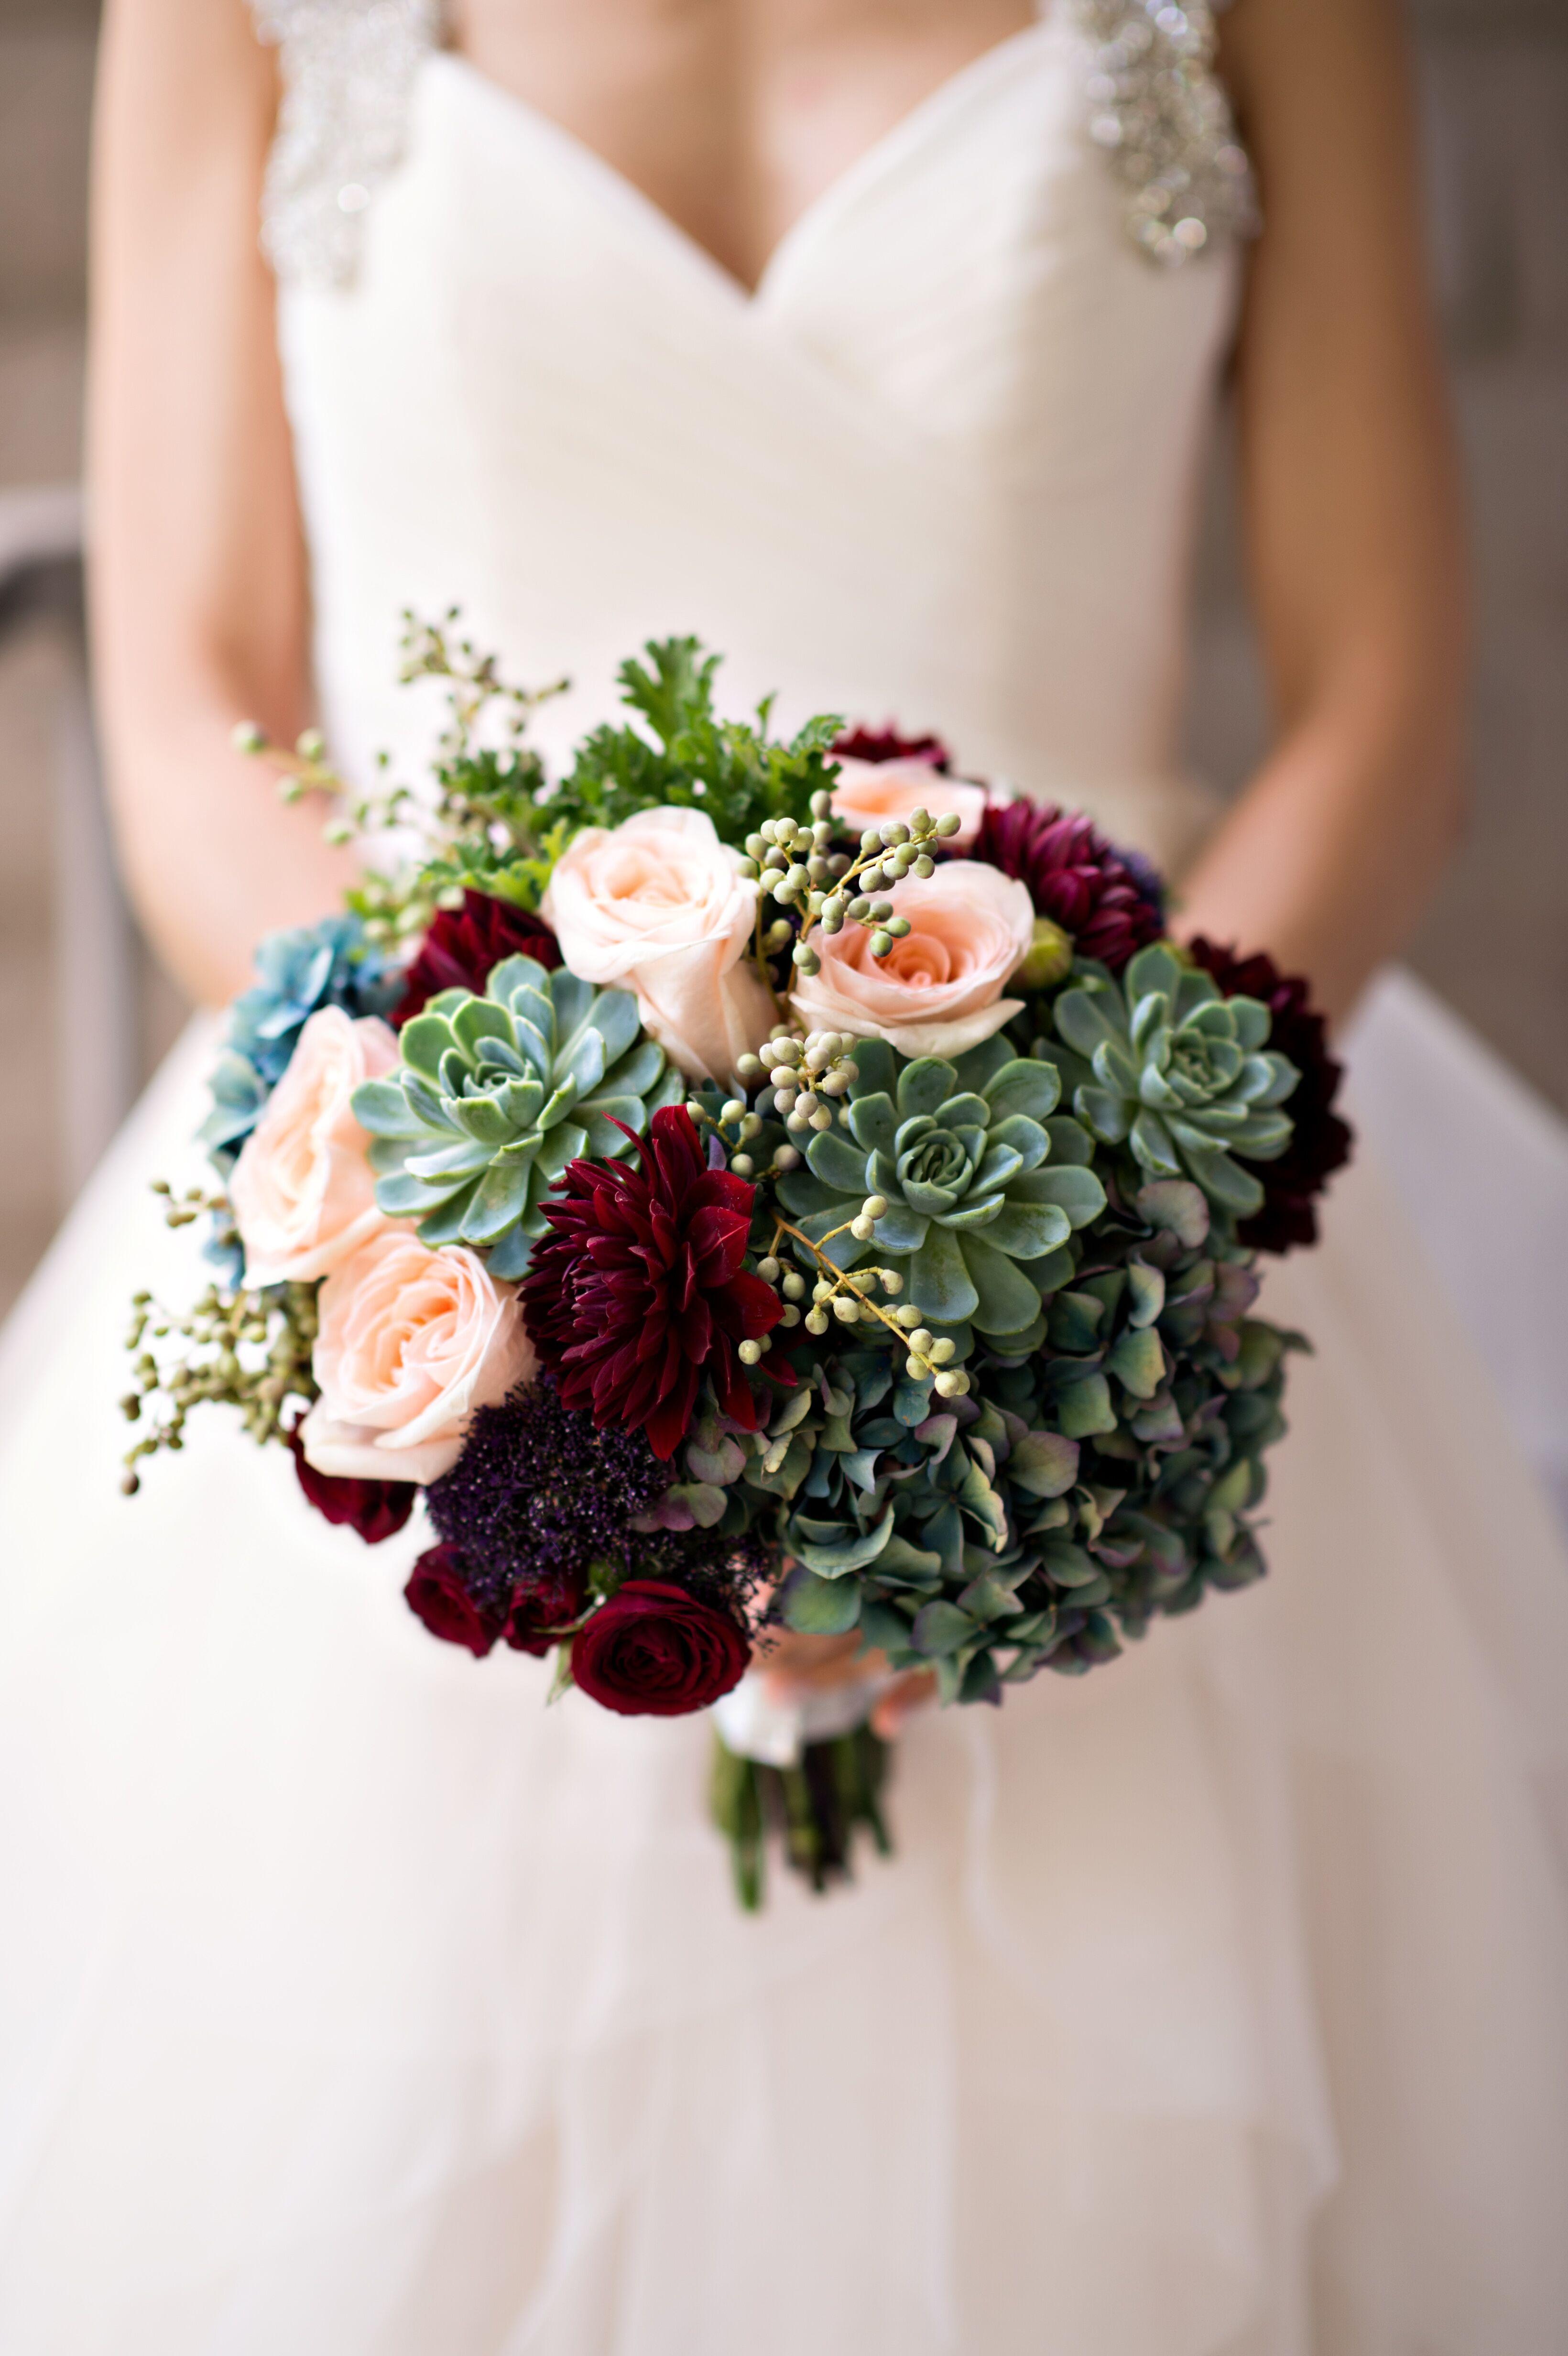 Dusty rose wedding bouquet Succulent bouquet Dahlia bouquet Bouquet package